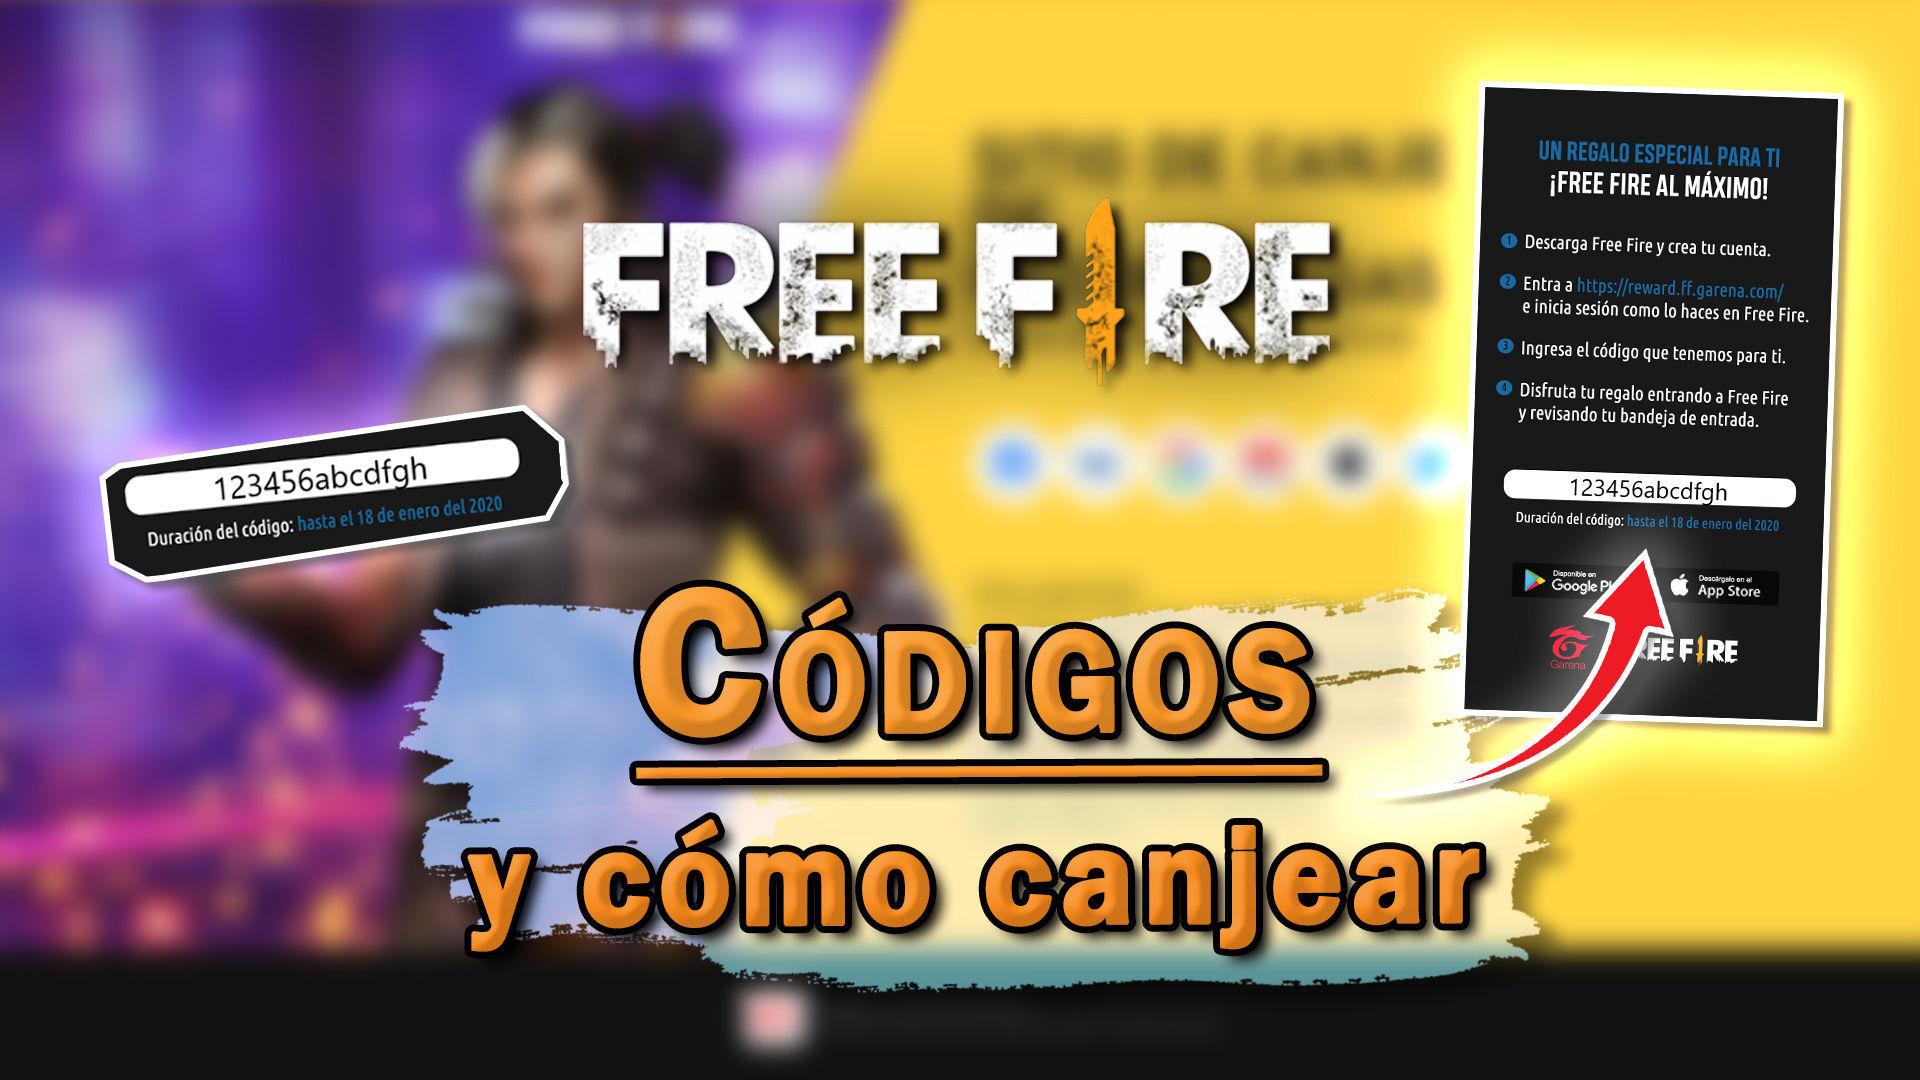 Free Fire Todos Los Codigos De Recompensas Gratis Marzo 2021